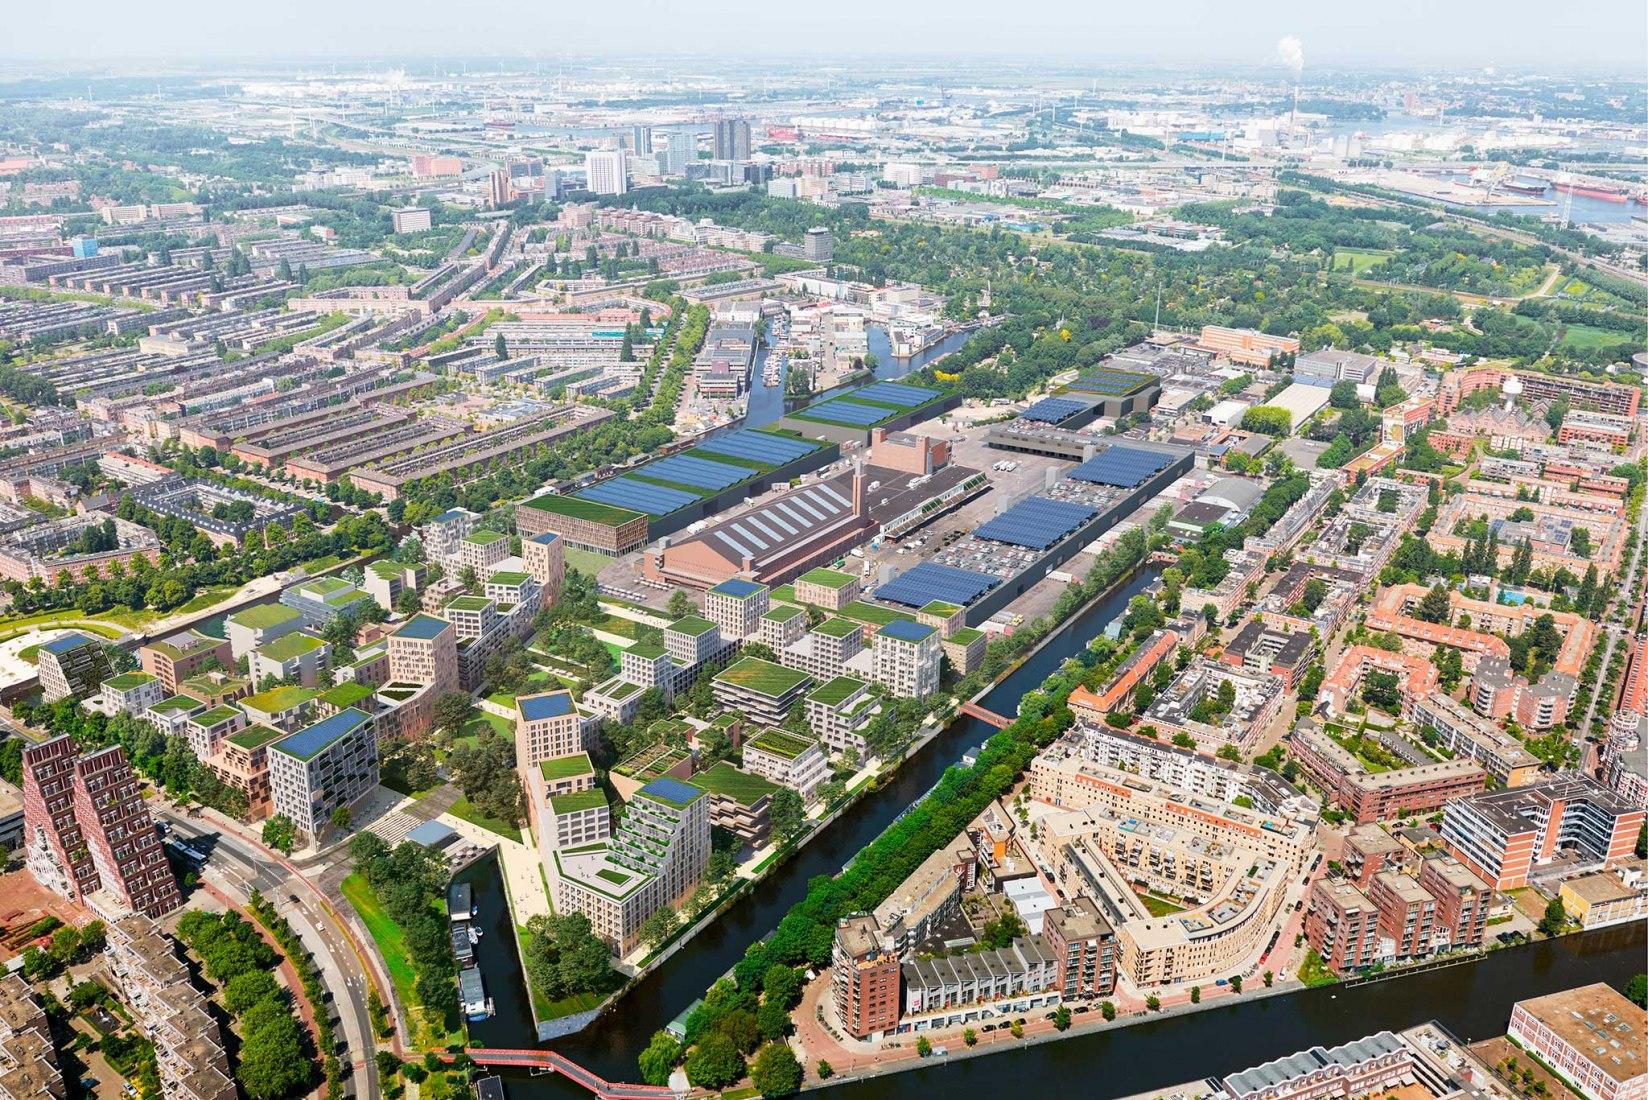 Masterplan Marktkwartier Amsterdam por Mecanoo. Imagen cortesía de Mecanoo